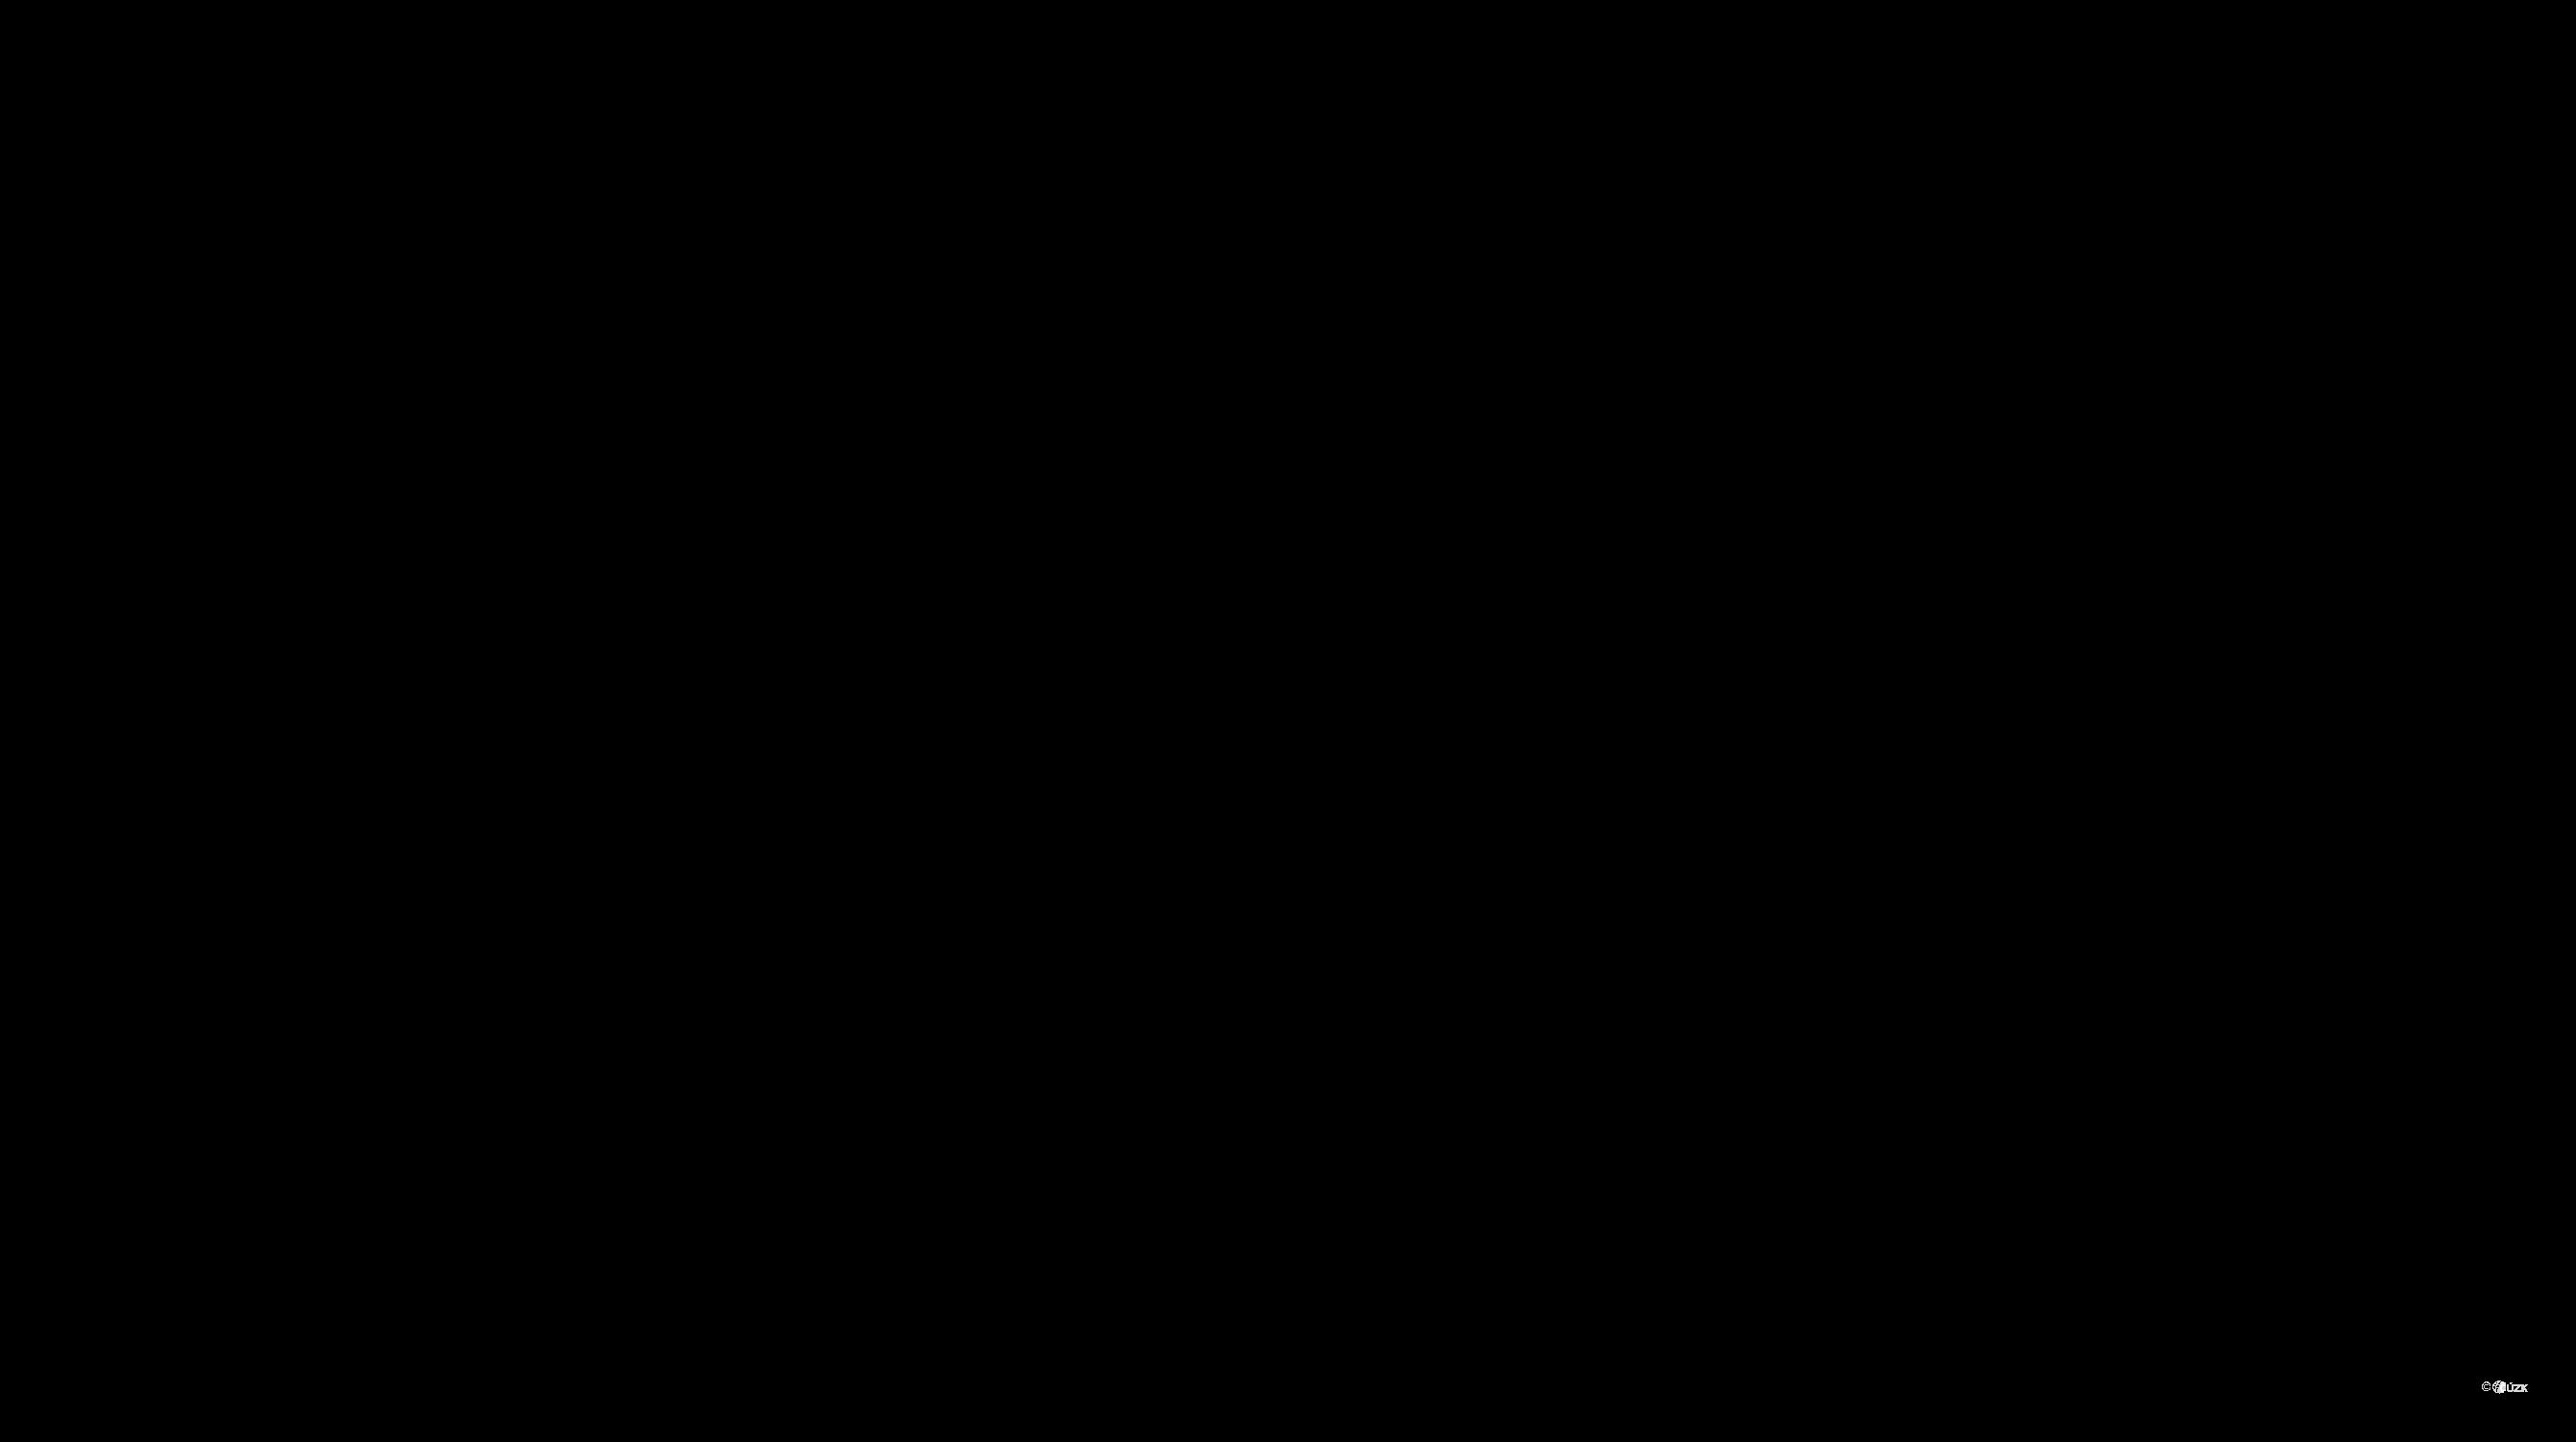 Katastrální mapa pozemků a čísla parcel Bobnice